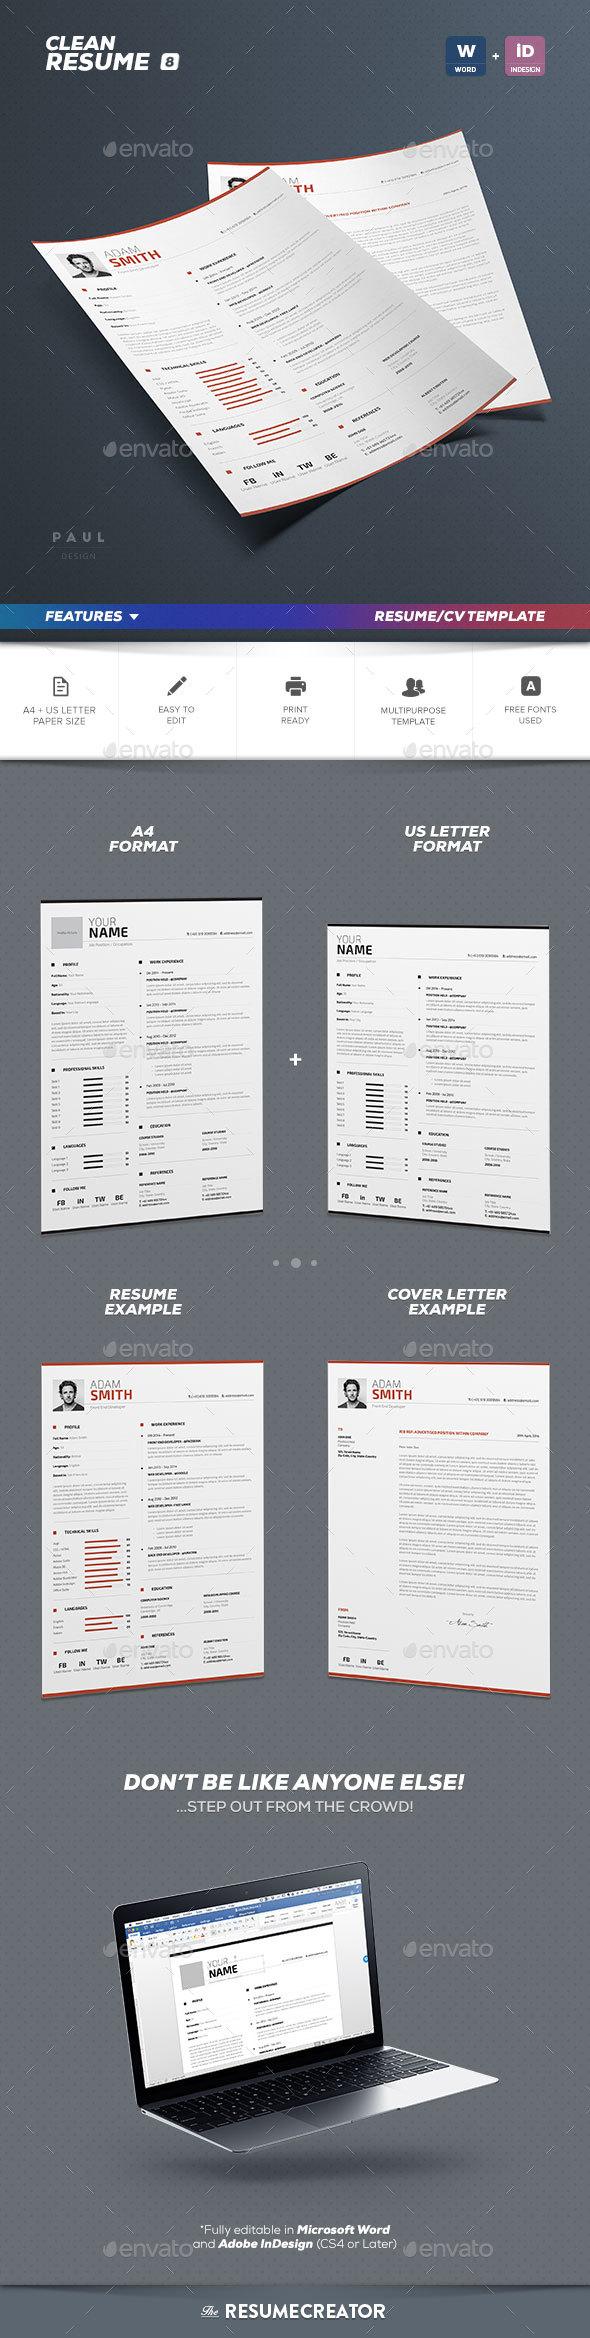 Clean Resume Vol. 8